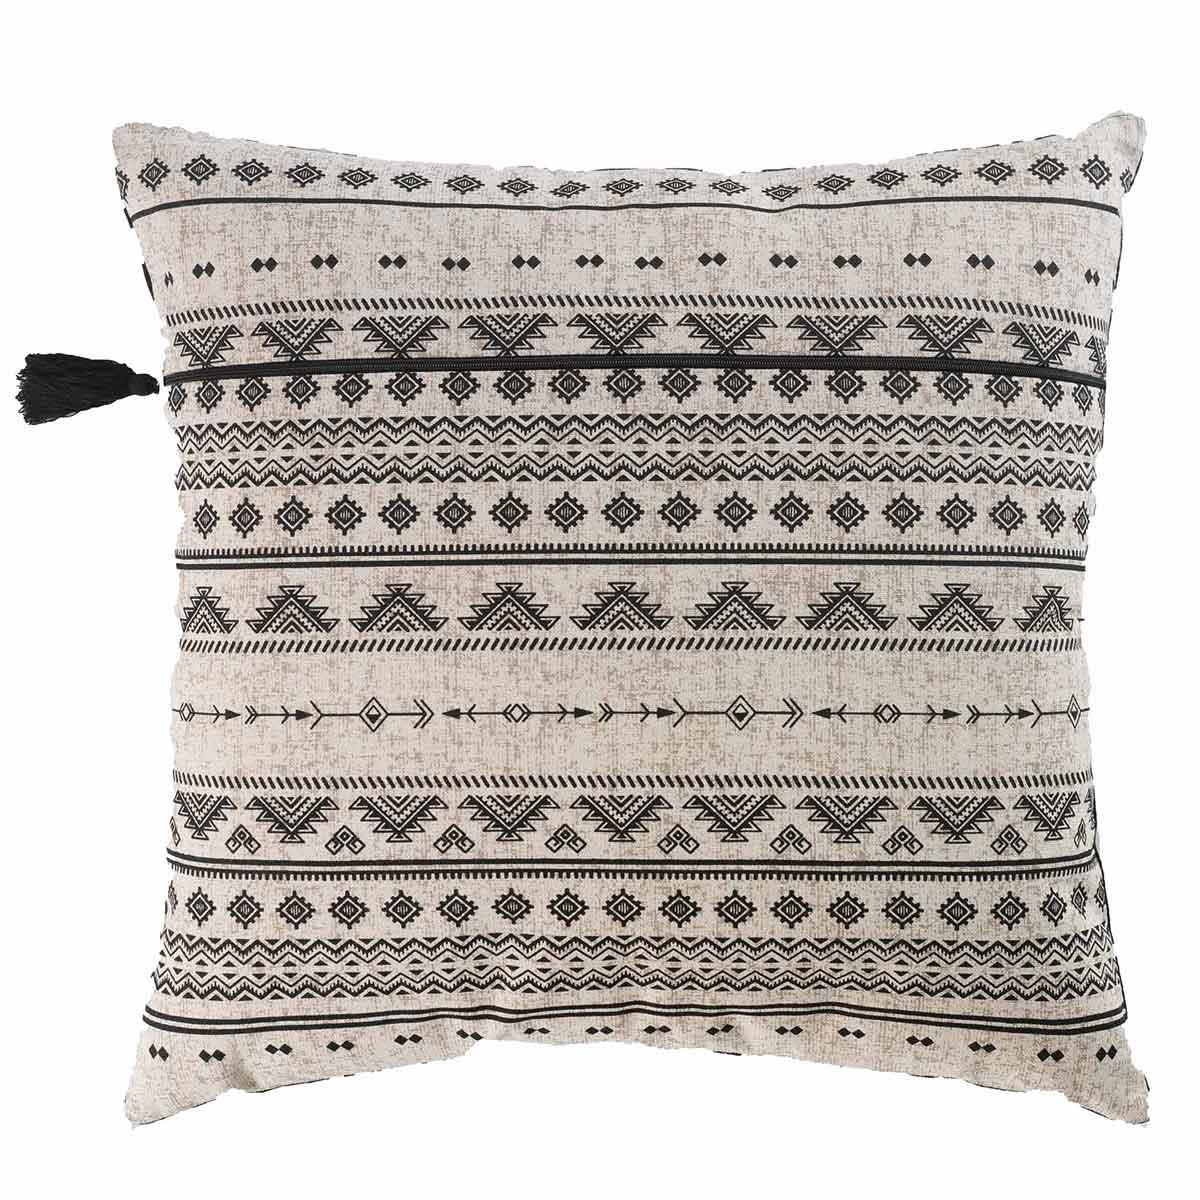 coussin imprim ethnique noir et blanc ecru noir. Black Bedroom Furniture Sets. Home Design Ideas